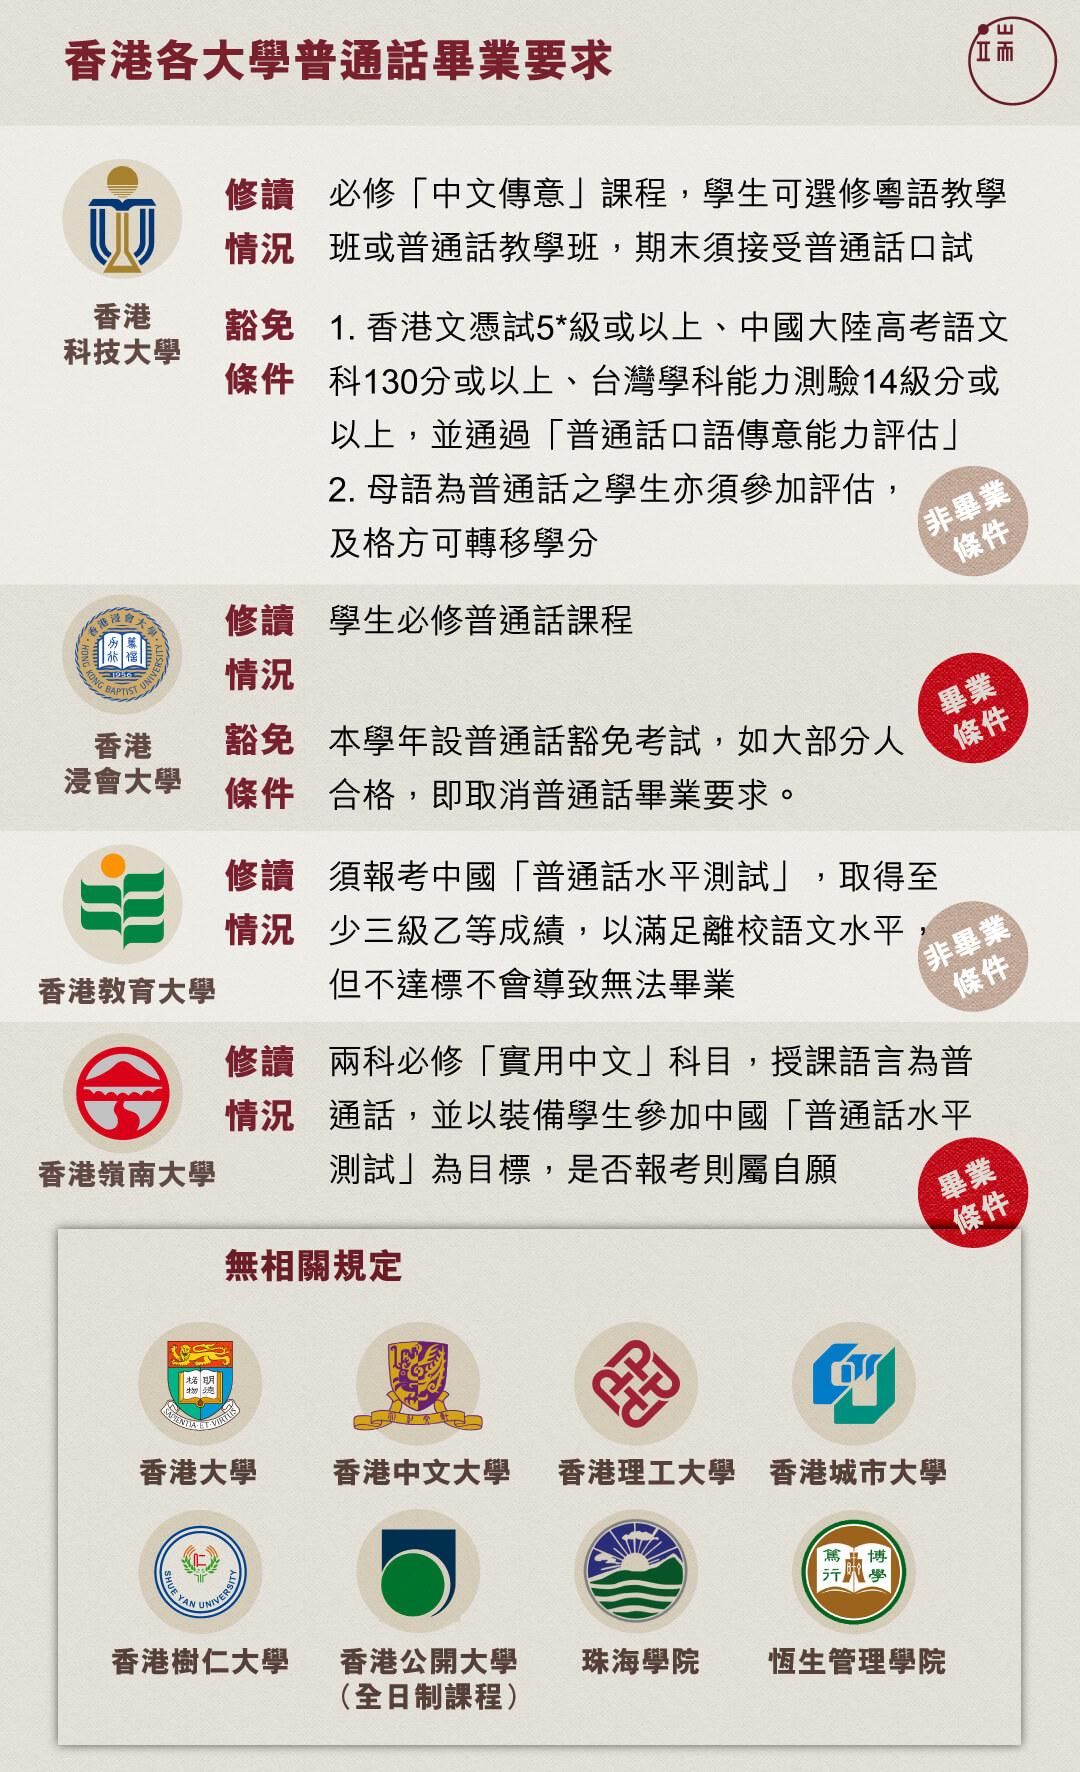 香港各大學普通話畢業要求。